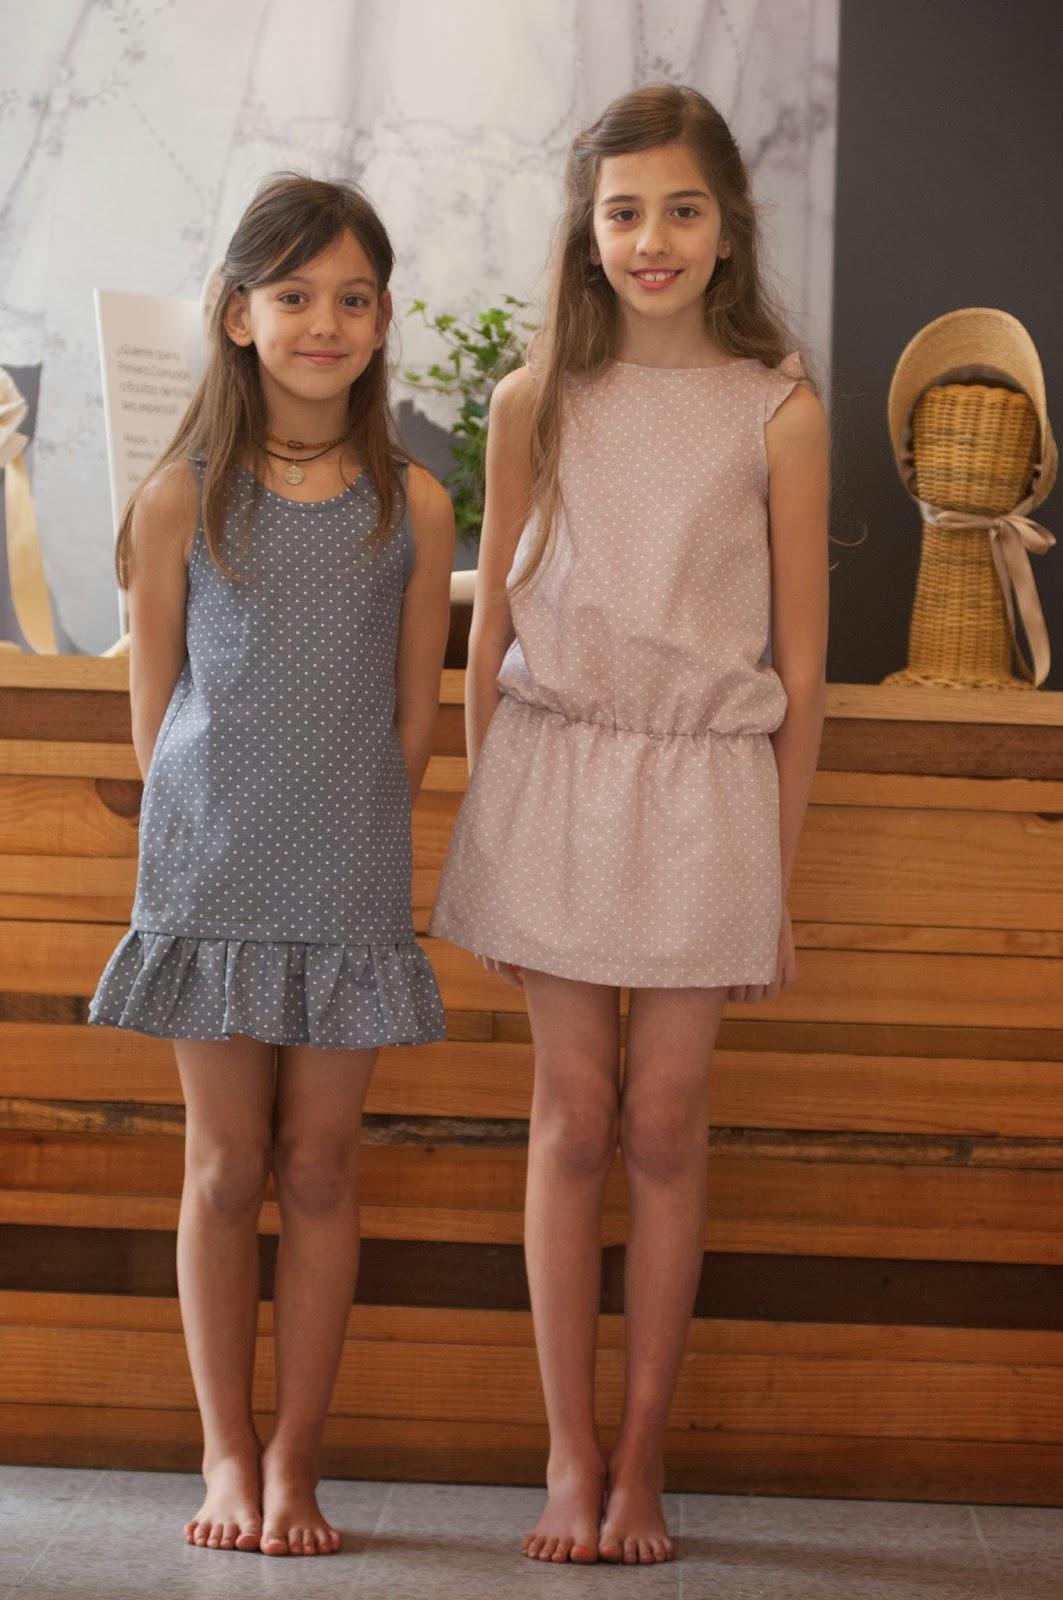 image 2 teens en los vestidores